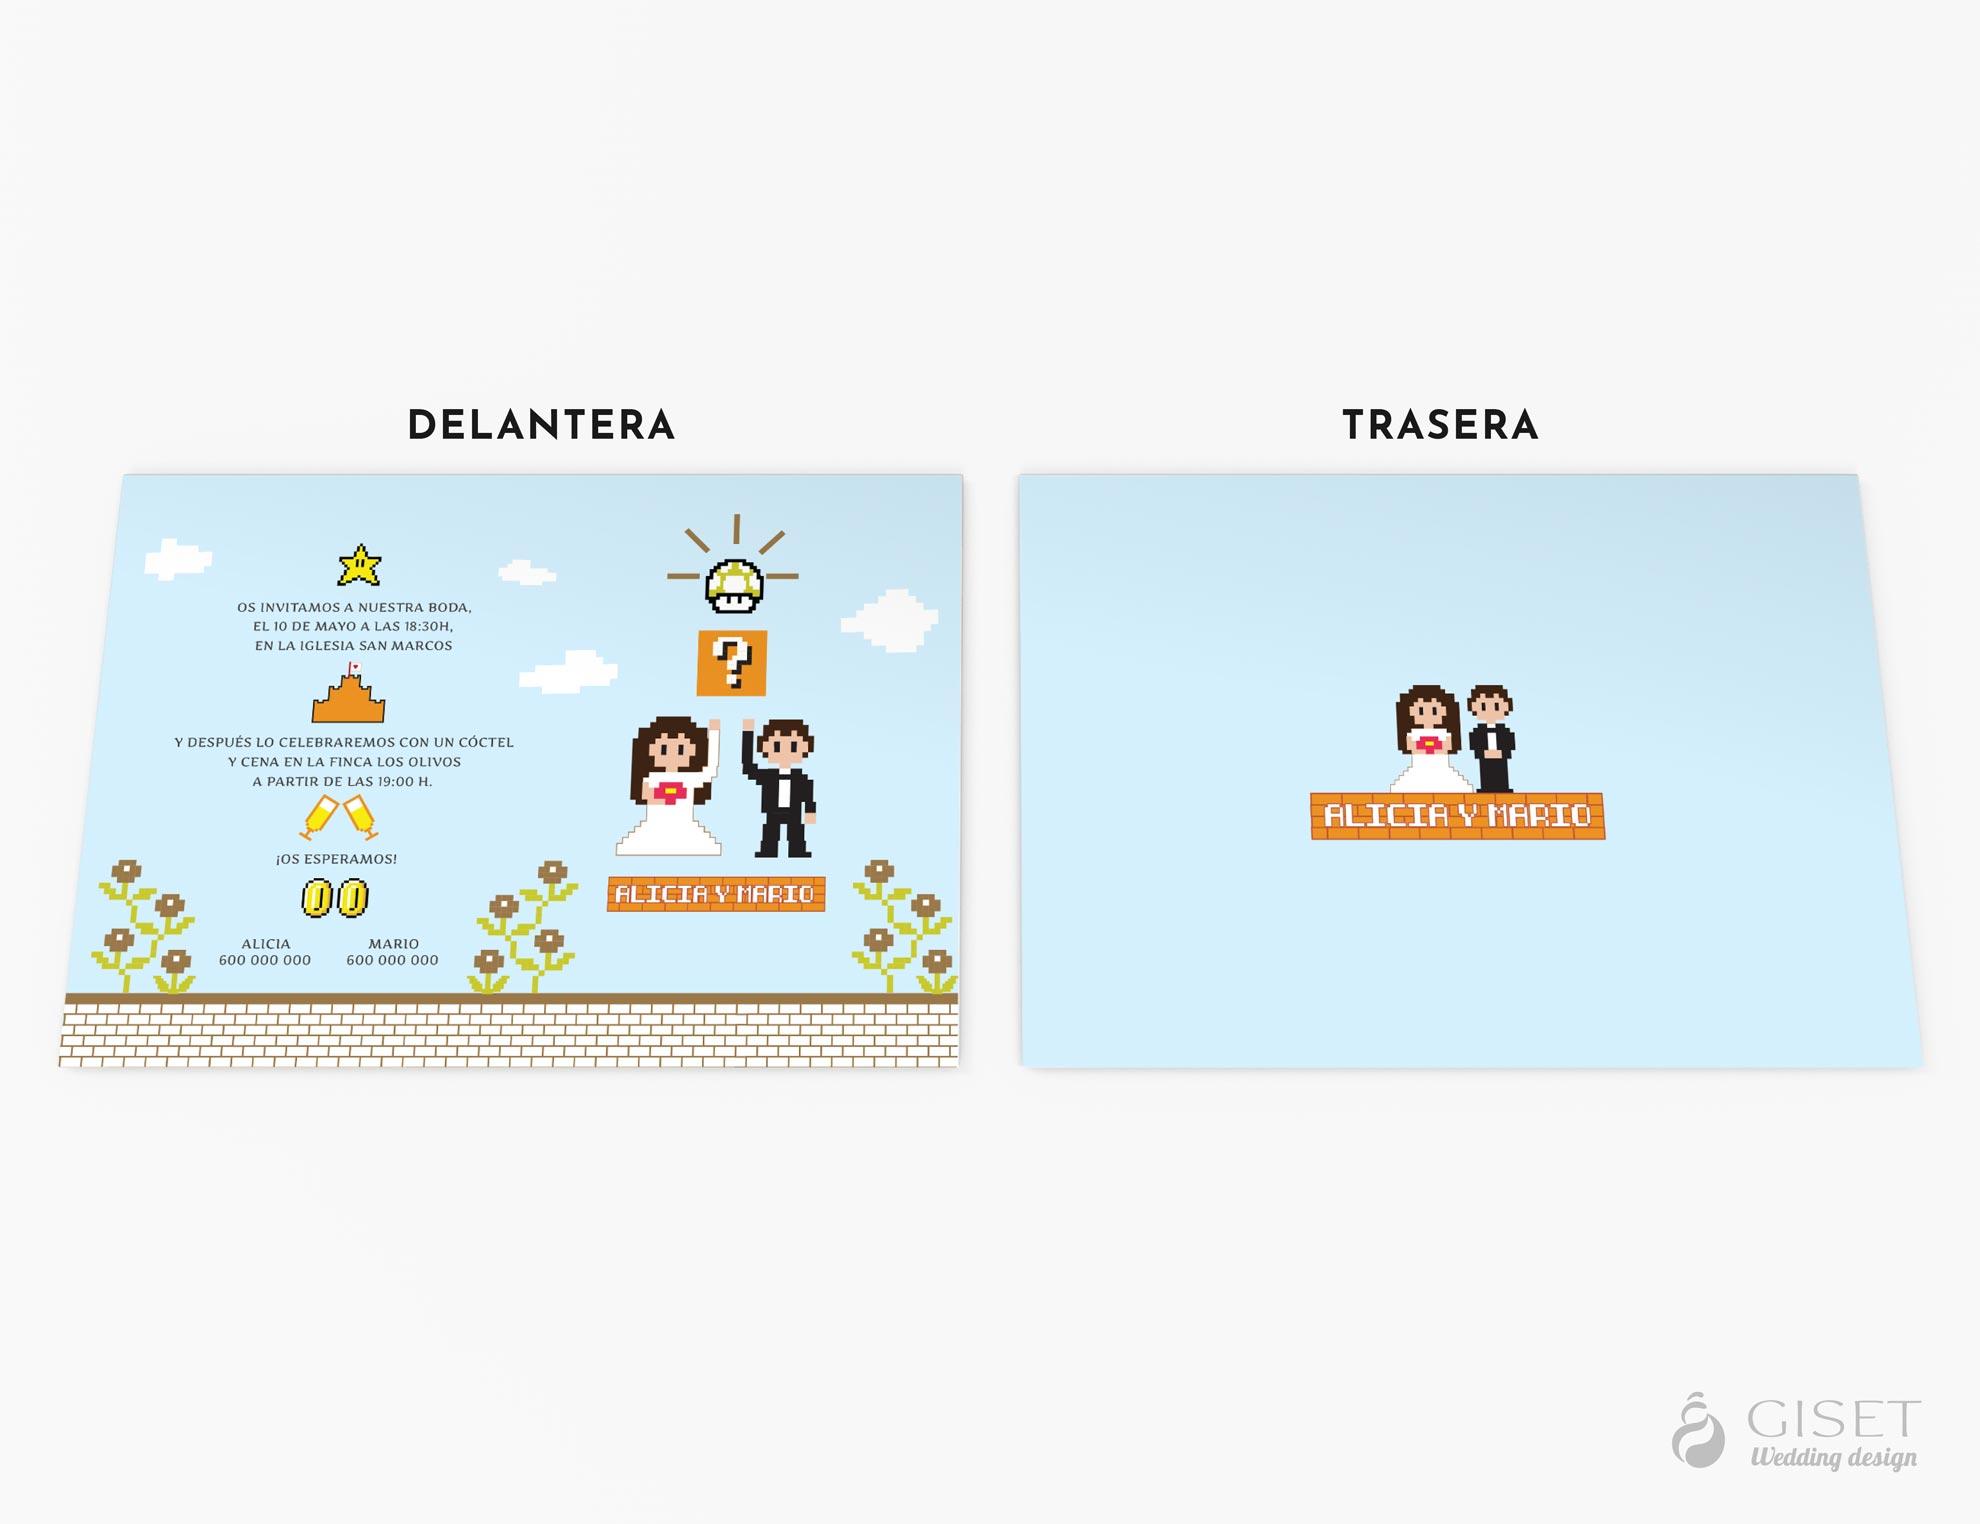 invitaciones de boda tematicas videoguegos super mario 8-bit giset wedding